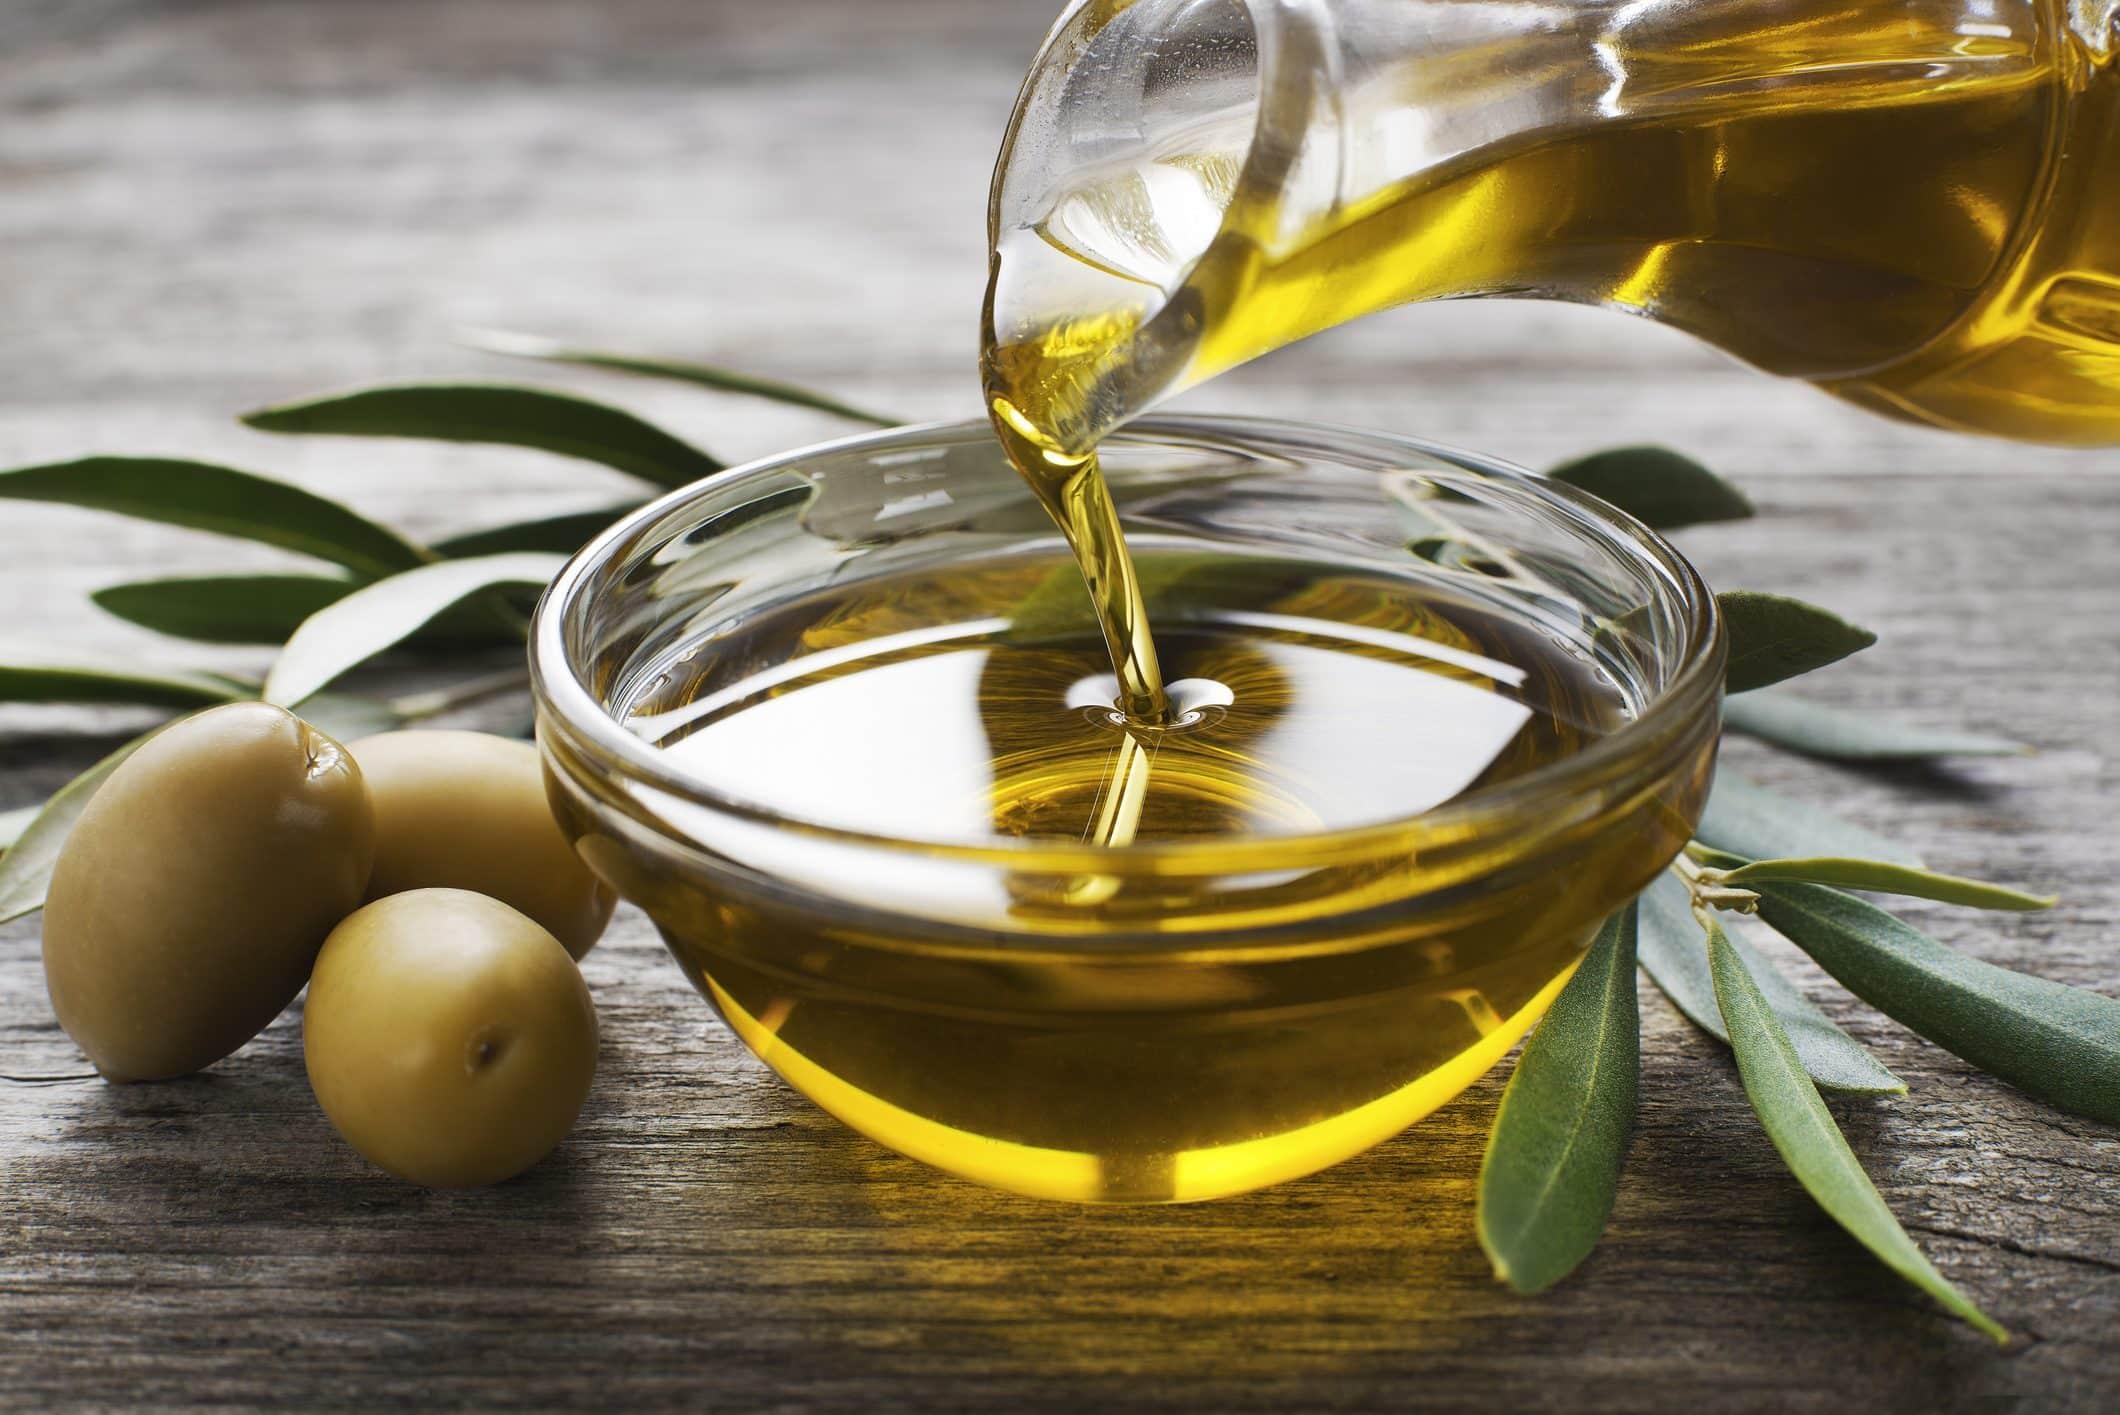 L'olio extra vergine di oliva è stato riconosciuto una medicina a tutti gli effetti